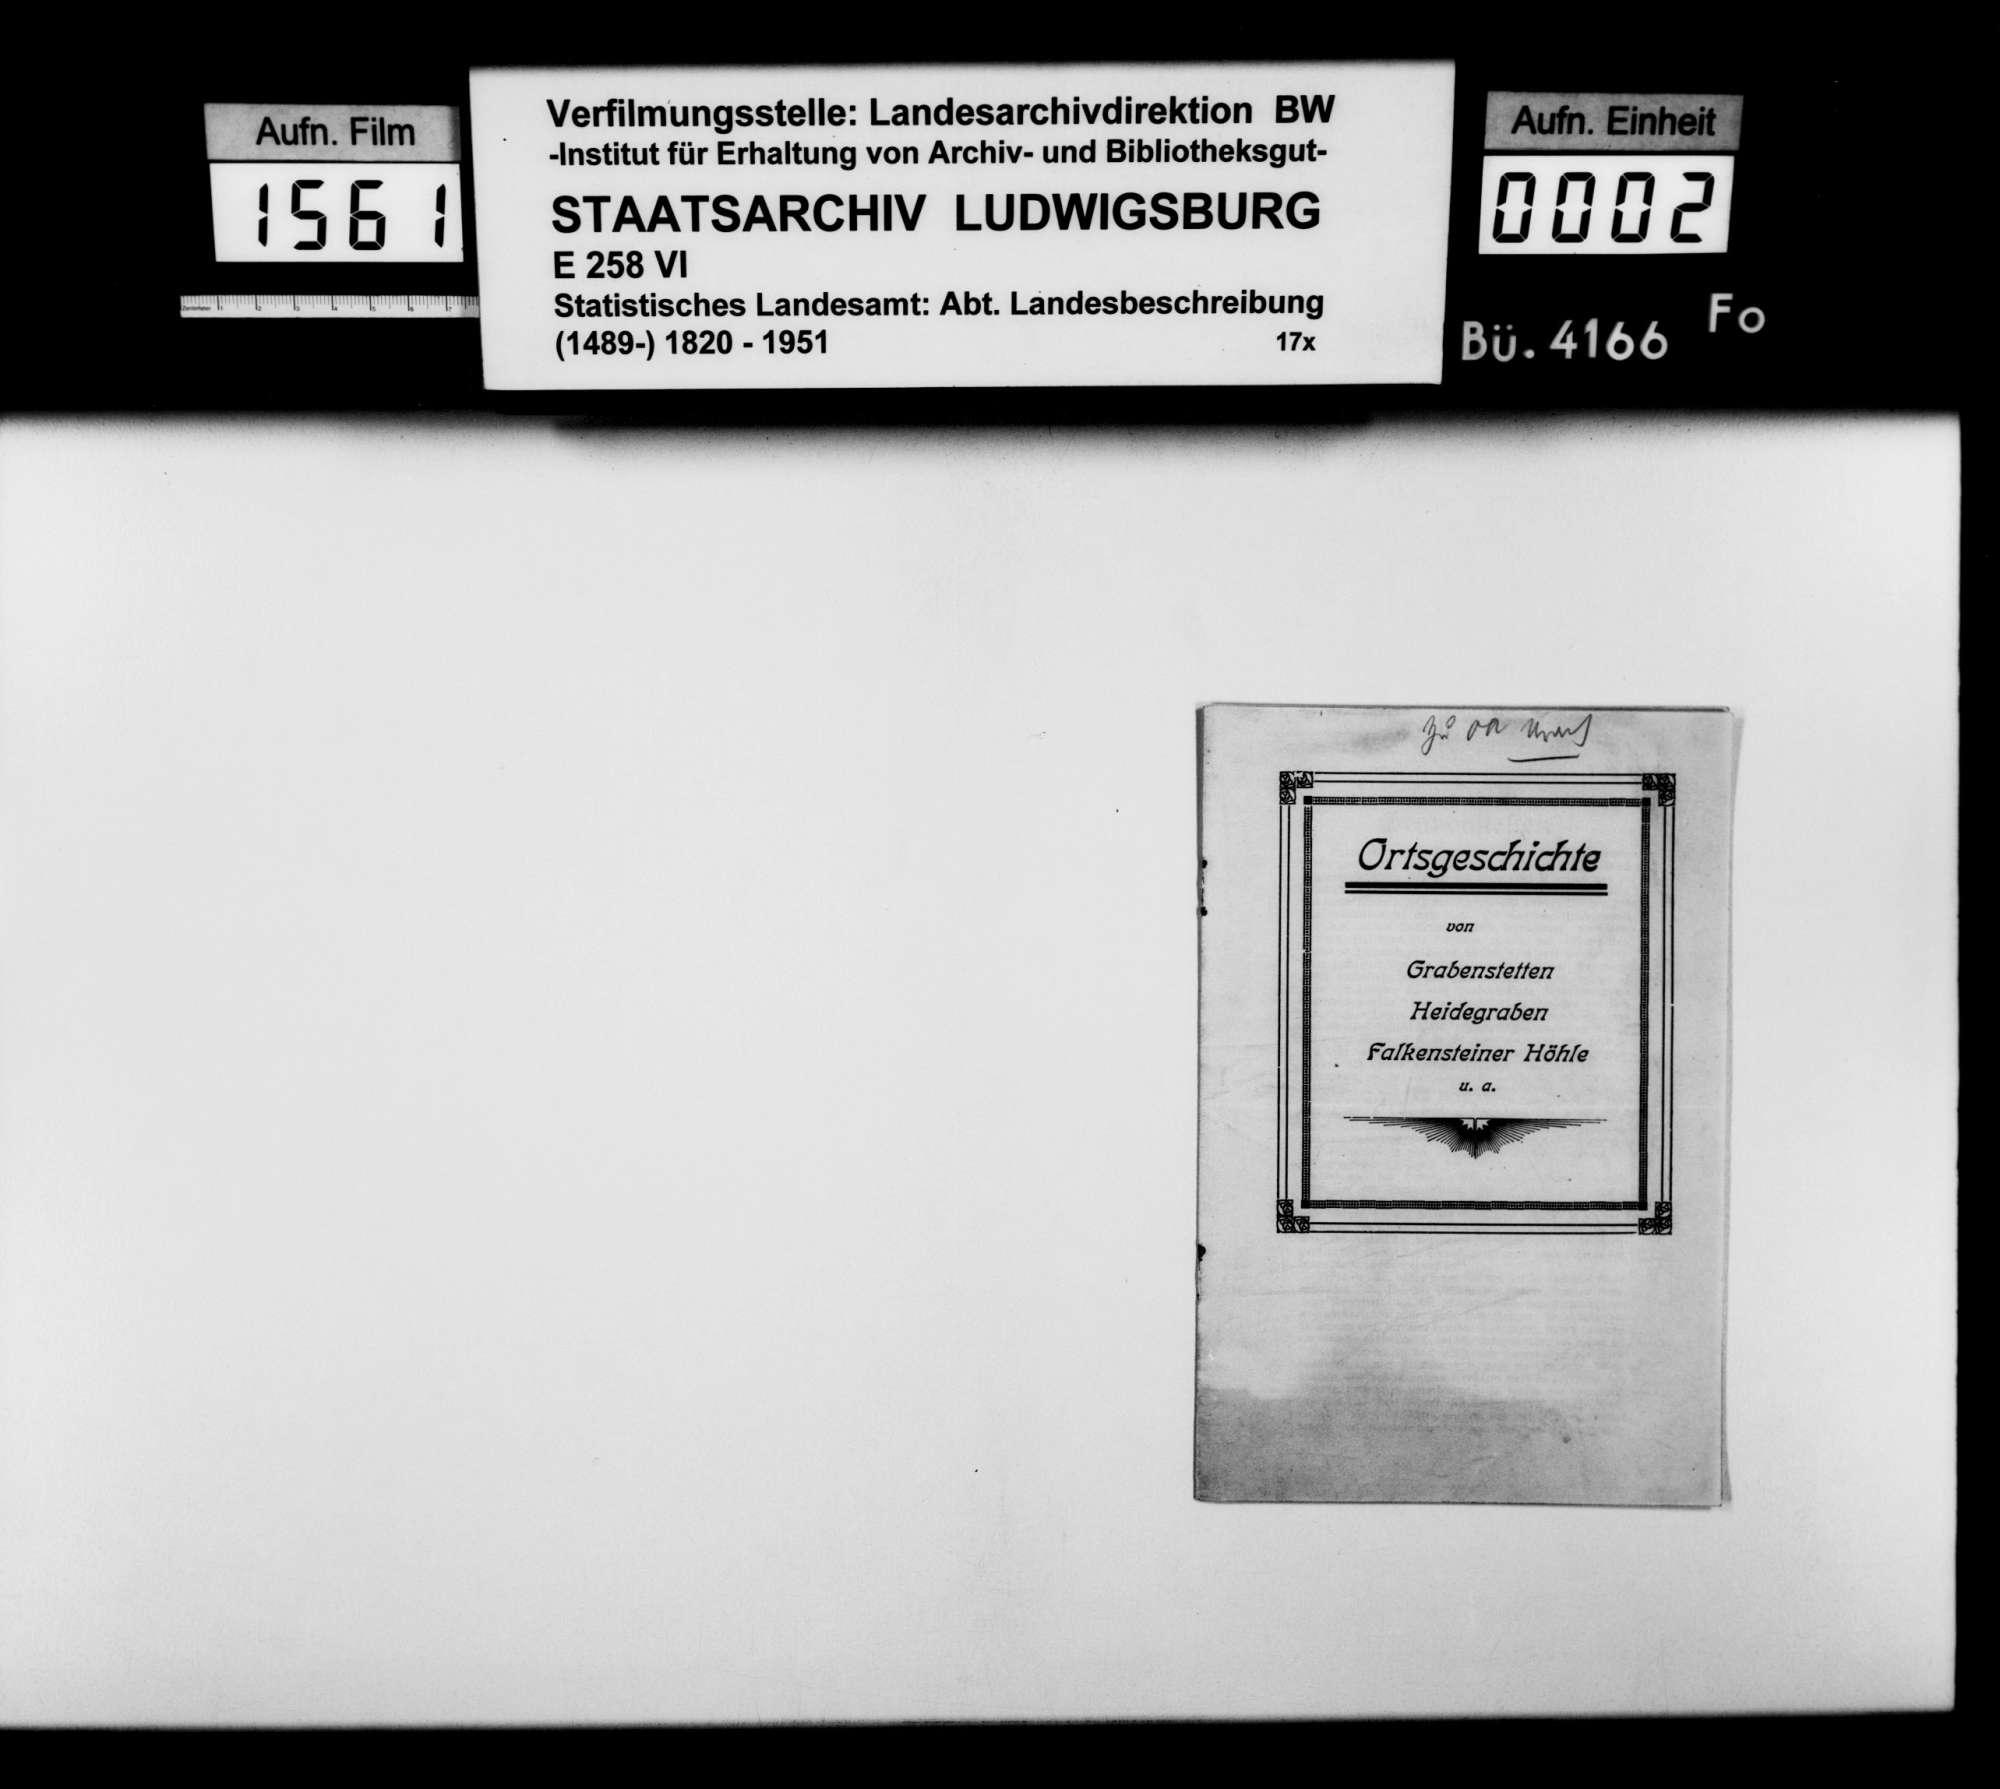 Sammlung gedruckten Materials für die Neubearbeitung der OAB, Bild 1